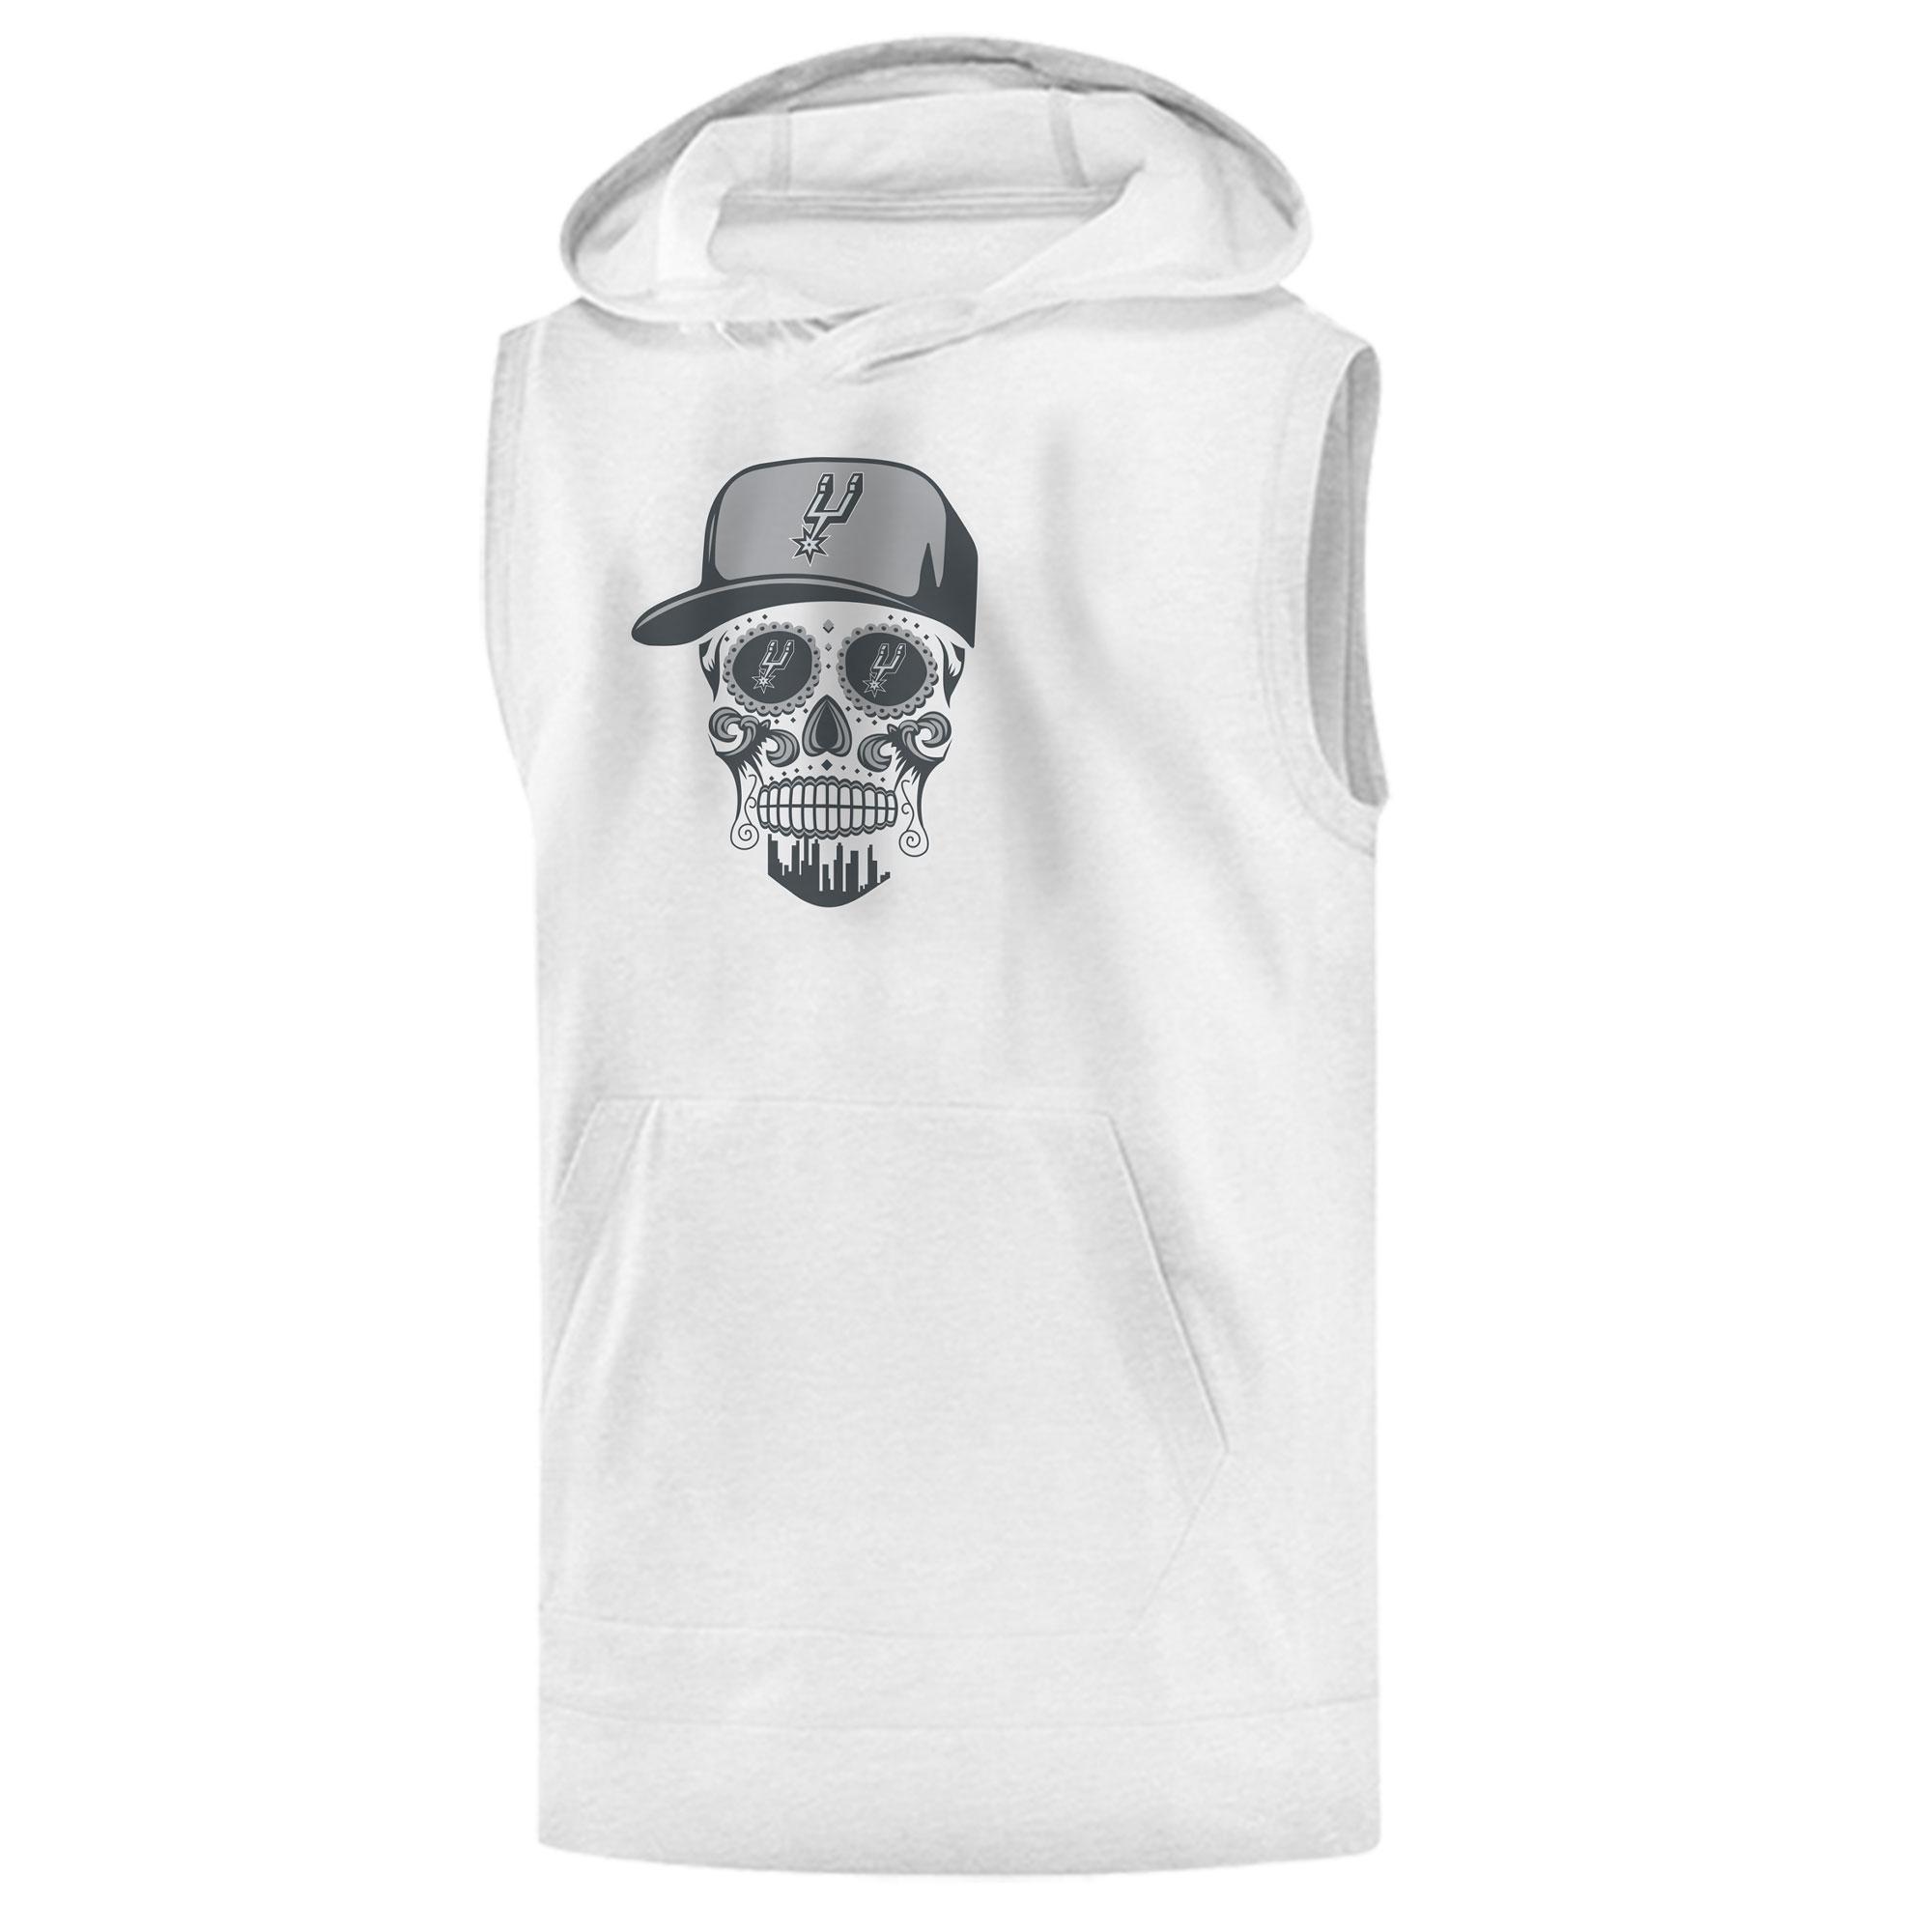 Spurs Skull Sleeveless (KLS-WHT-NP-464-NBA-SPURS-SKULL)